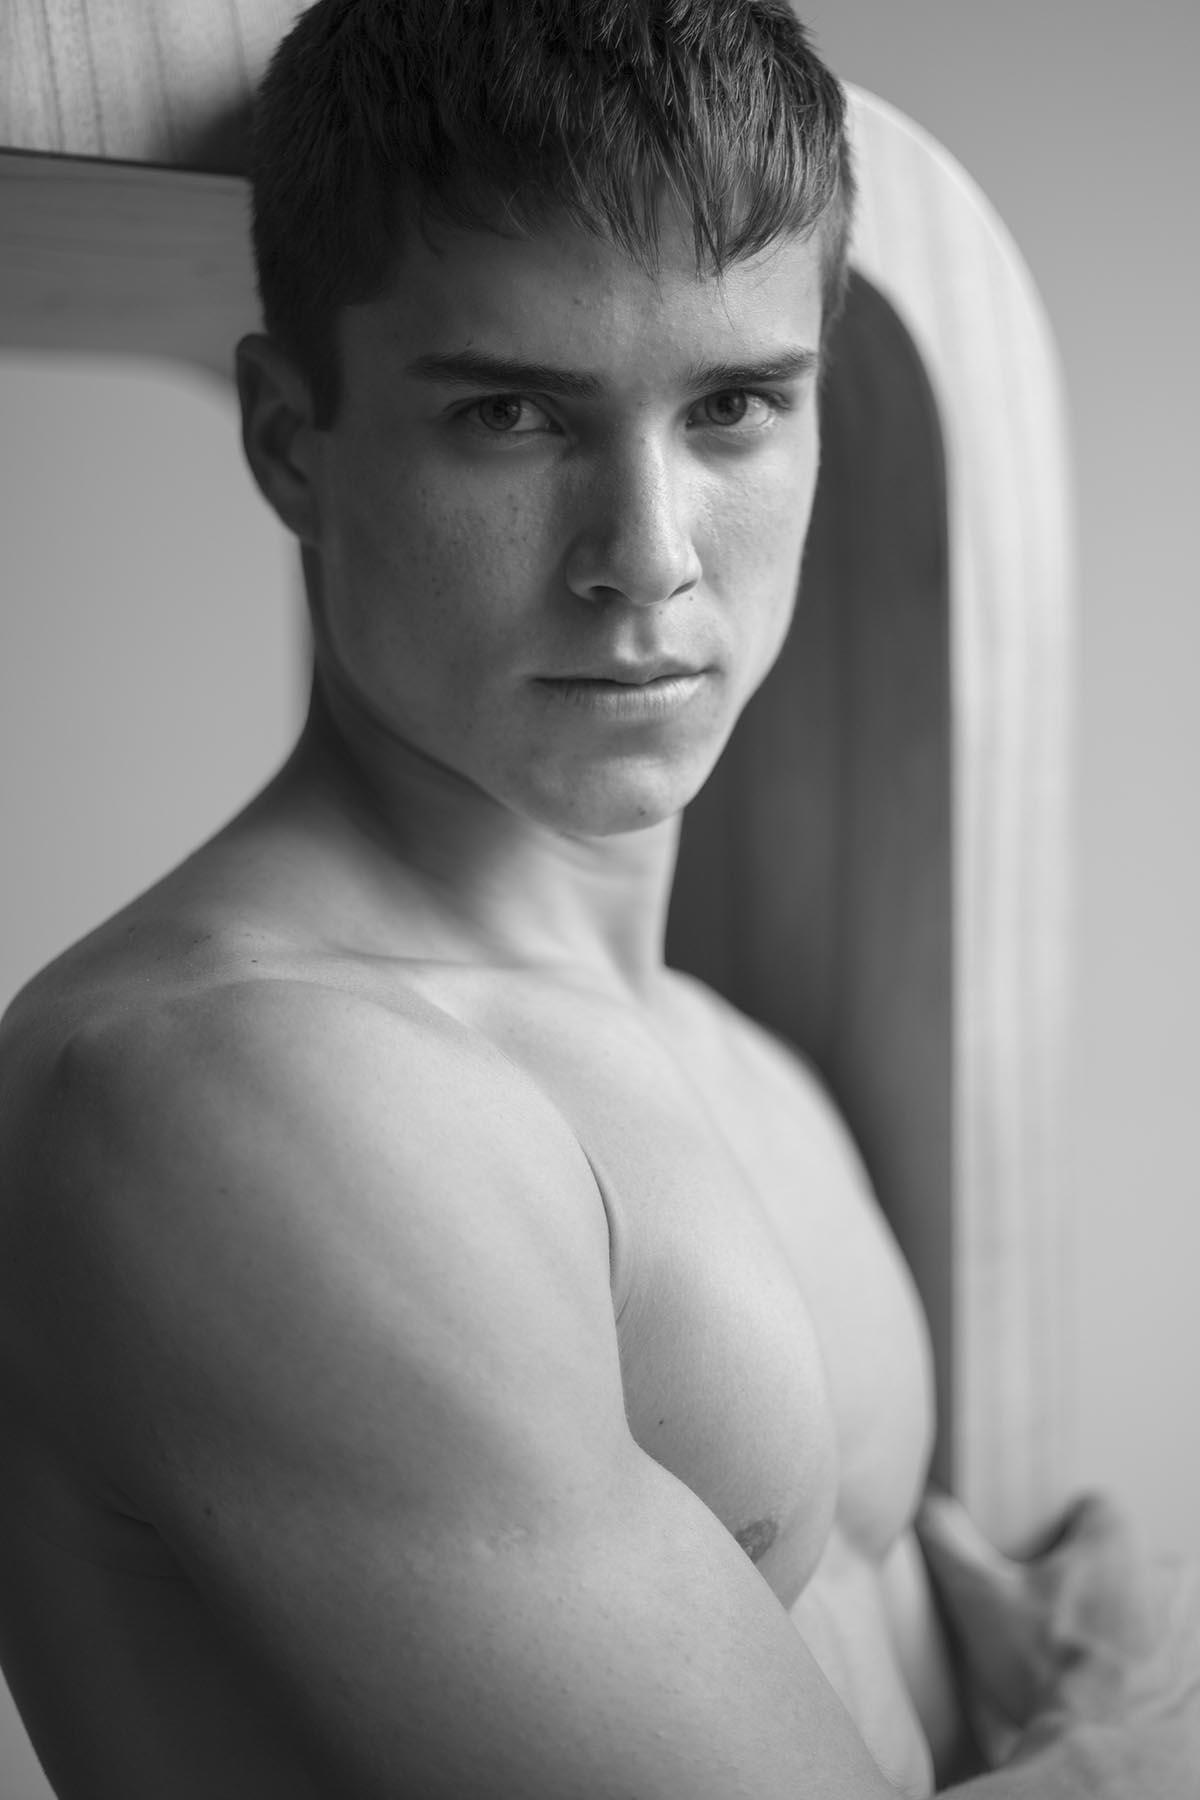 Pedro Maia by Filipe Galgani for Brazilian Male Model